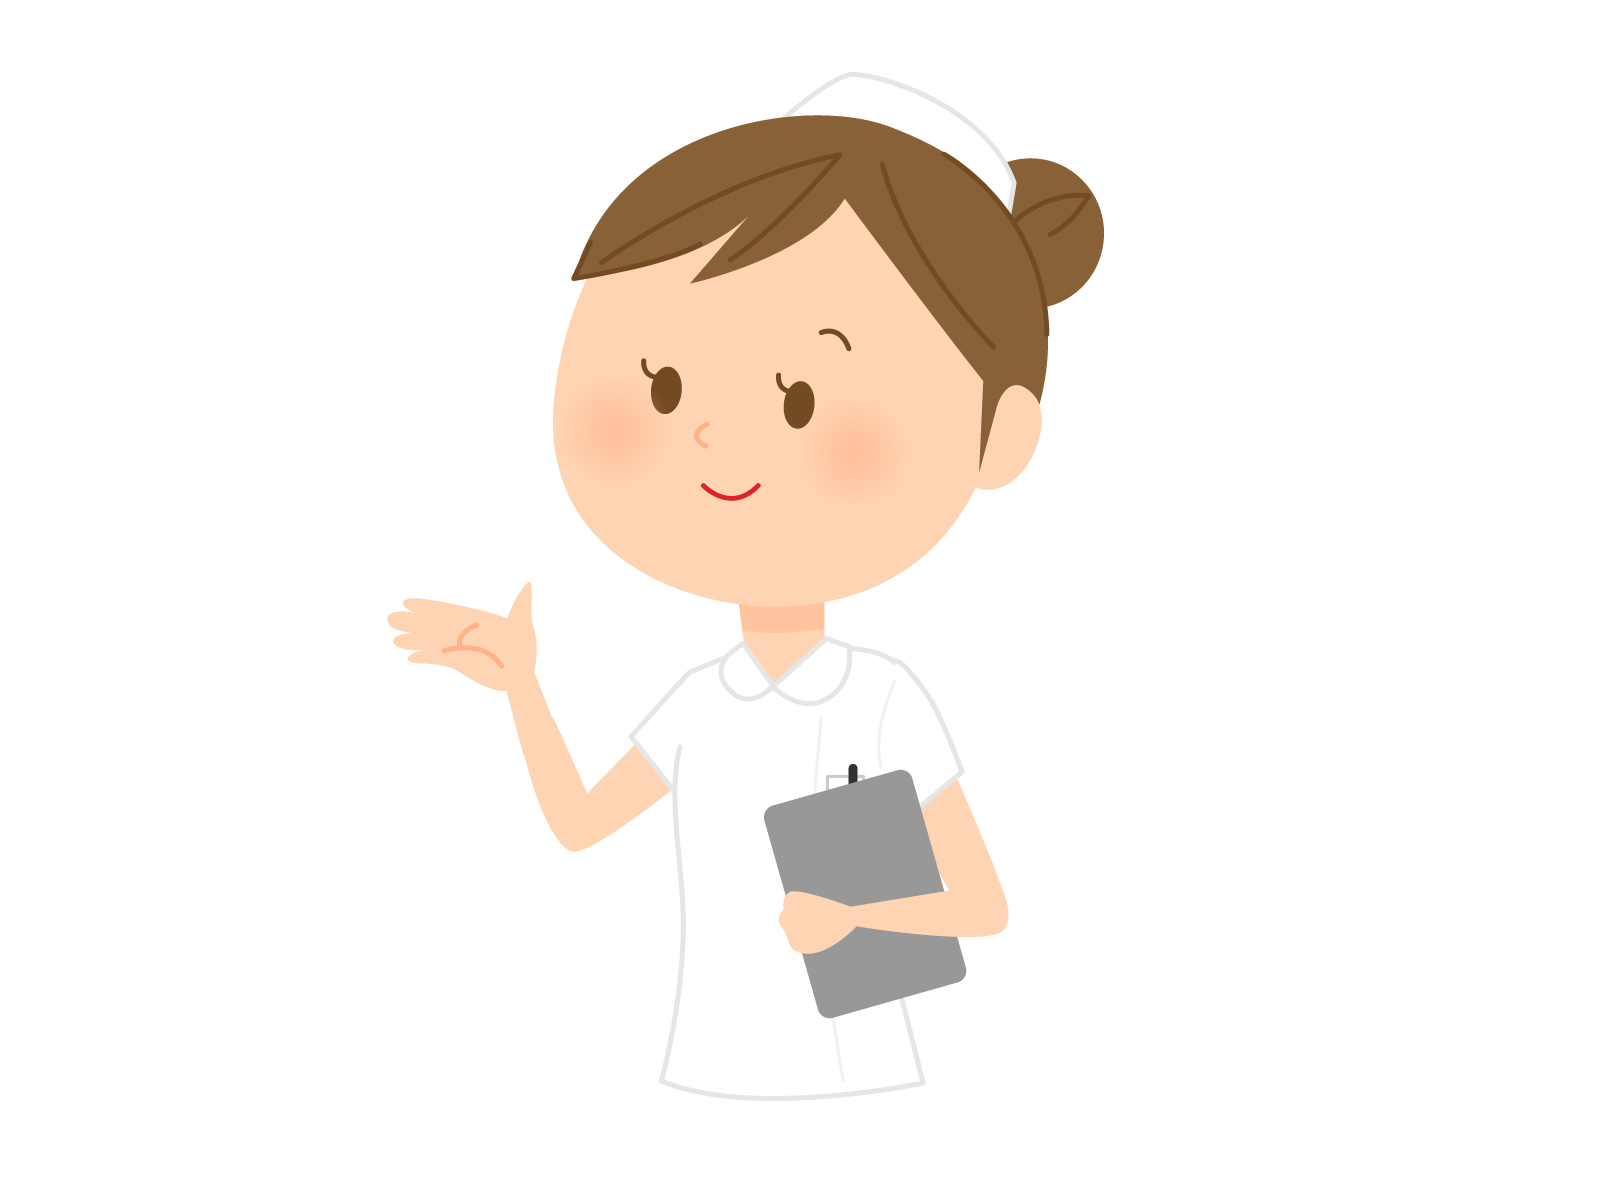 看護師の吉本です。